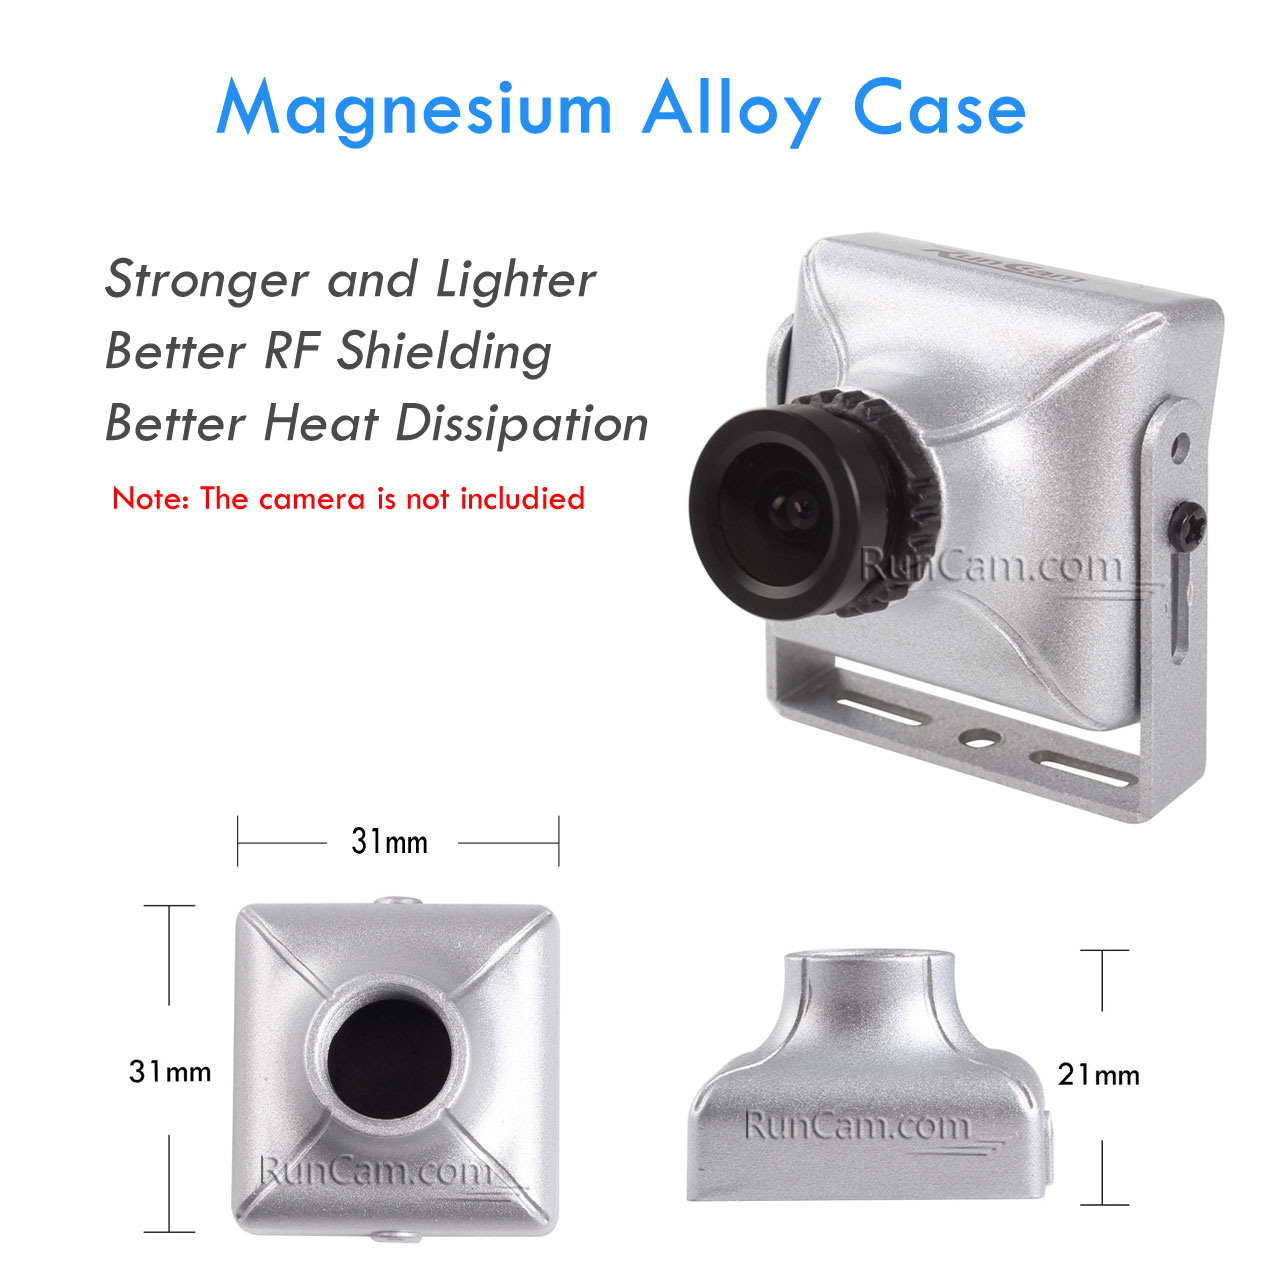 Magnesium Alloy, Case, RunCam PZ0420M